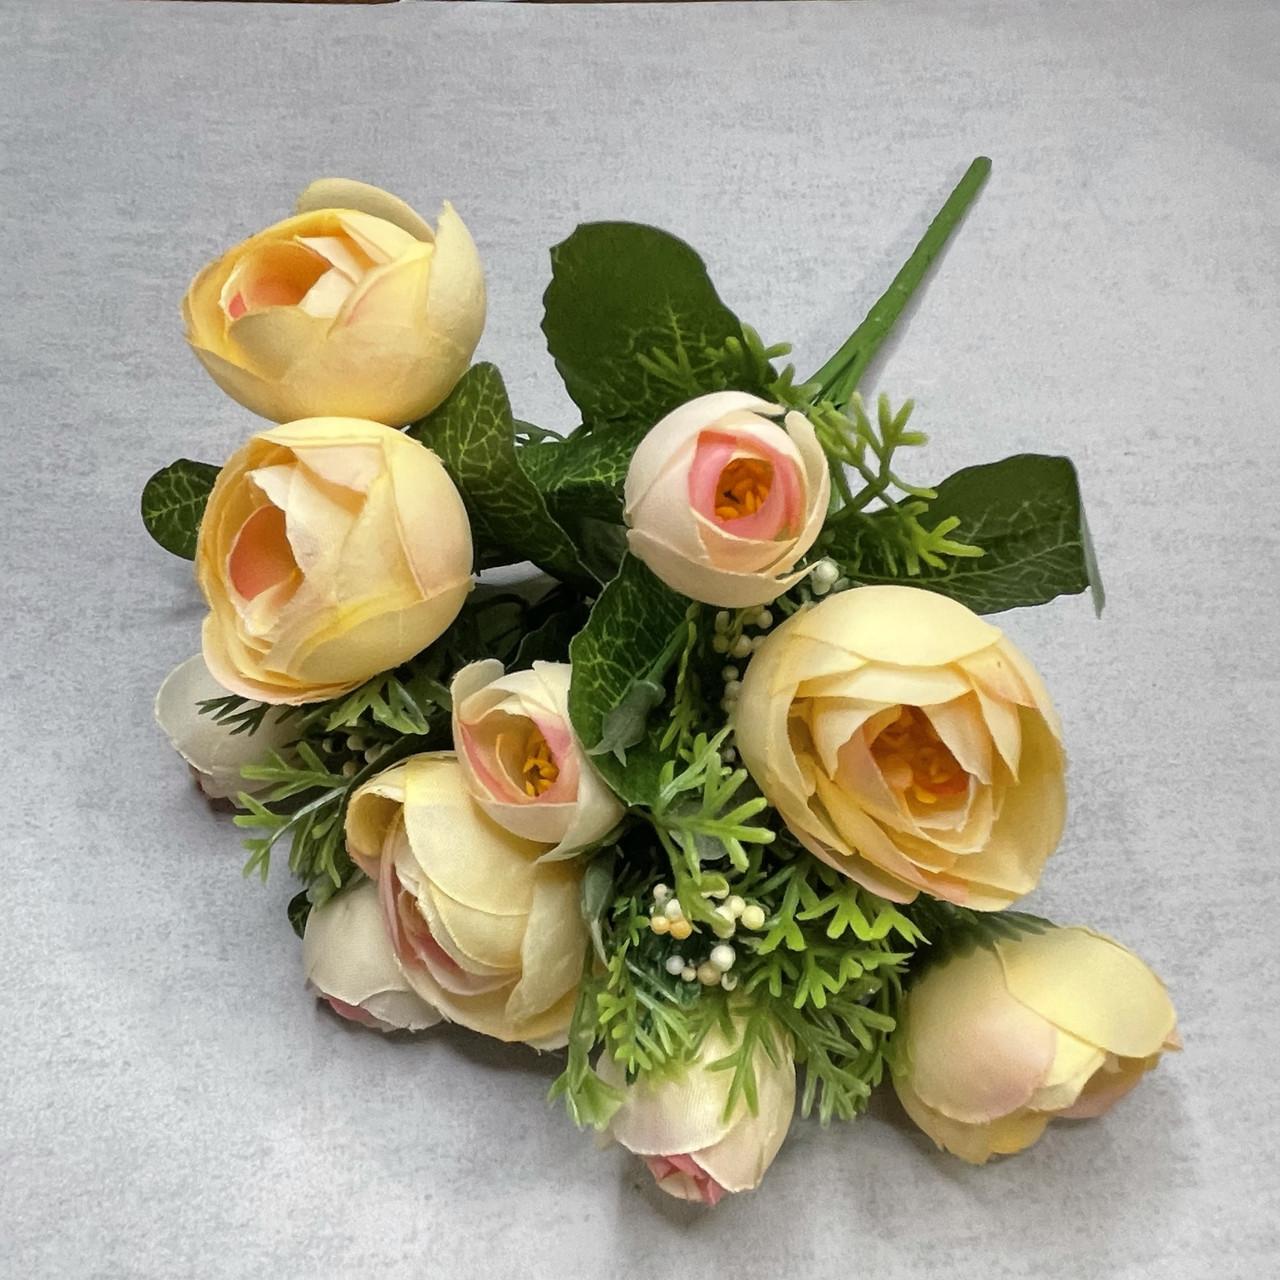 Штучні квіти Букет ранункулюса з ягодою 30 см. штучна камелія персиковий